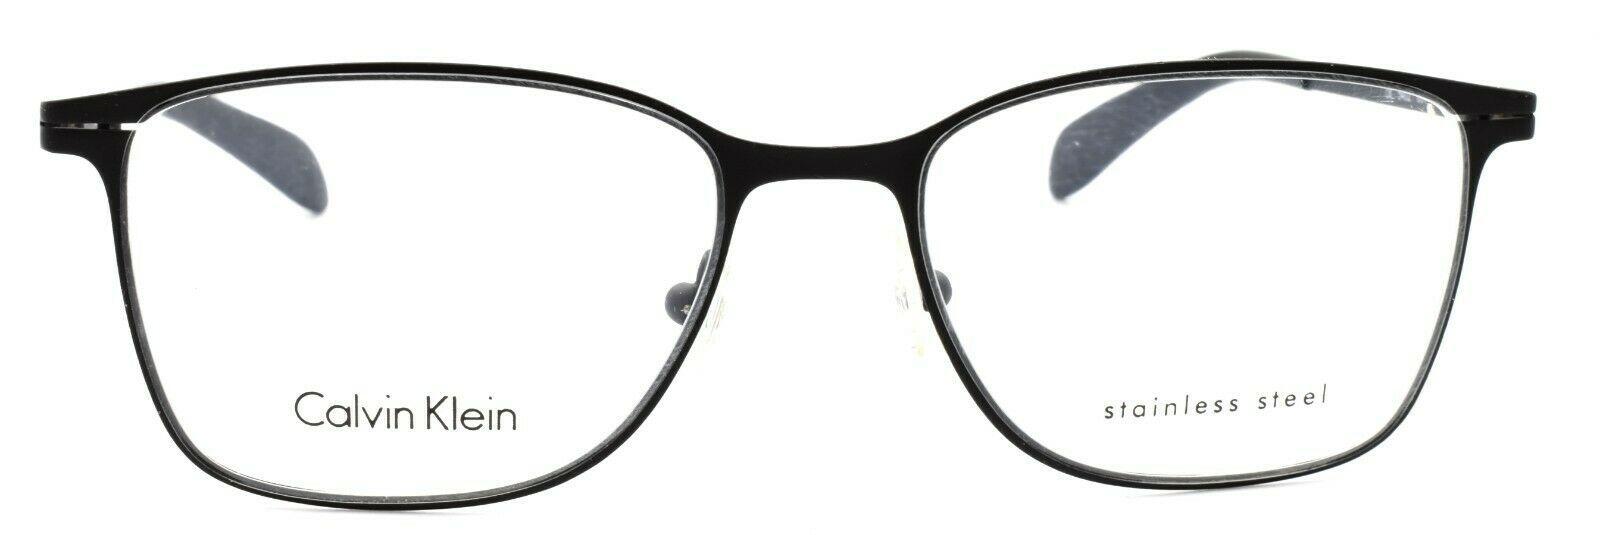 Calvin Klein CK5402 001 Unisex Eyeglasses Frames 51-17-135 Matte Black ITALY